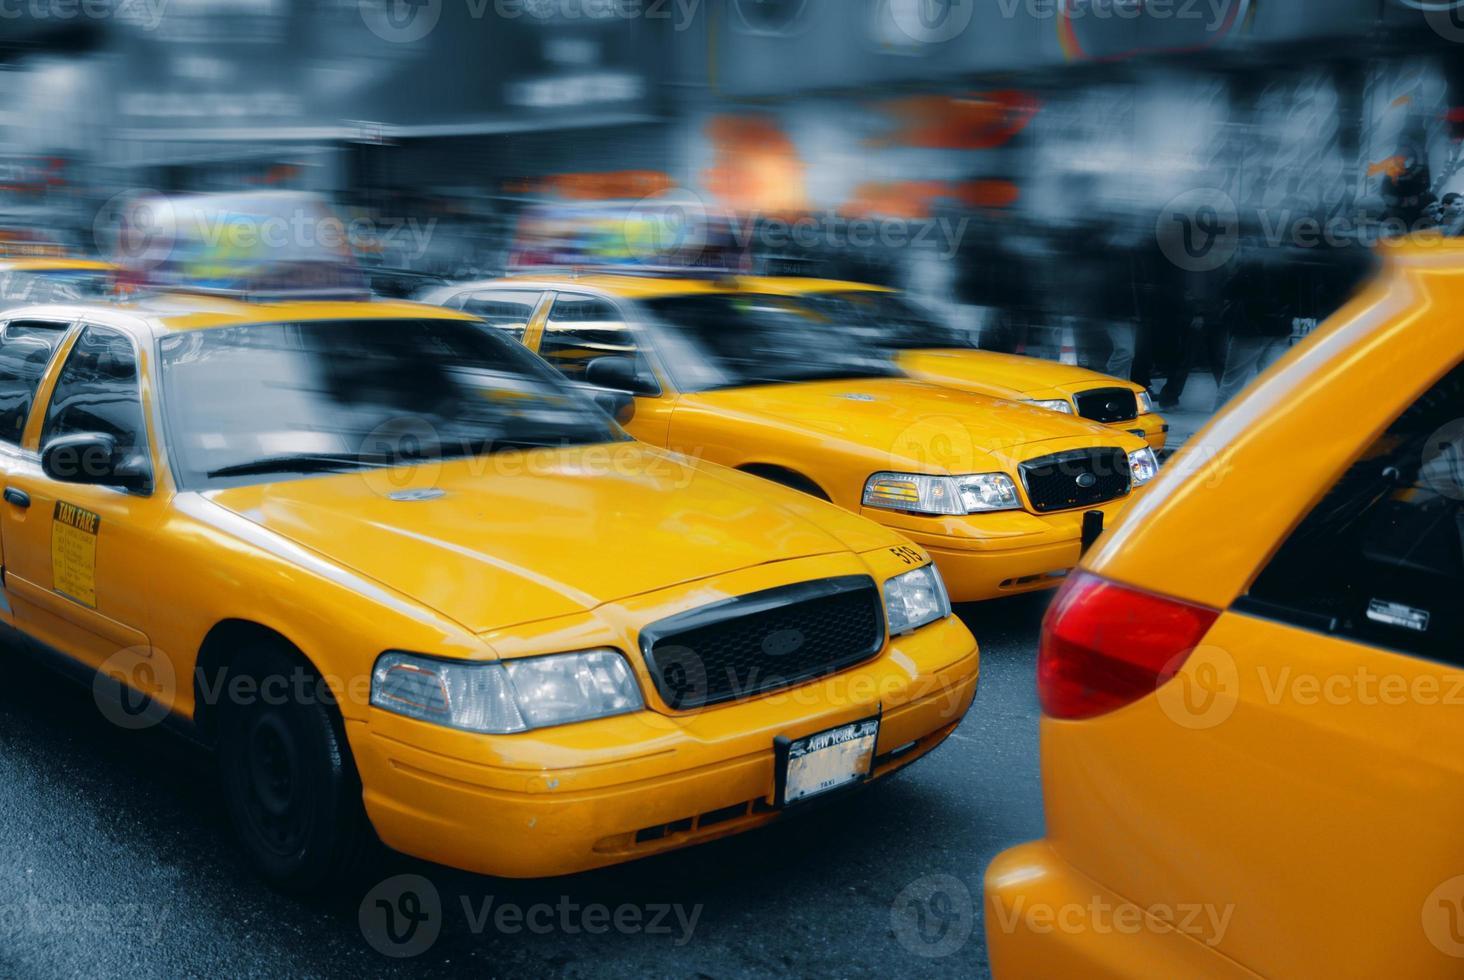 táxi de nova york na times square 2 foto